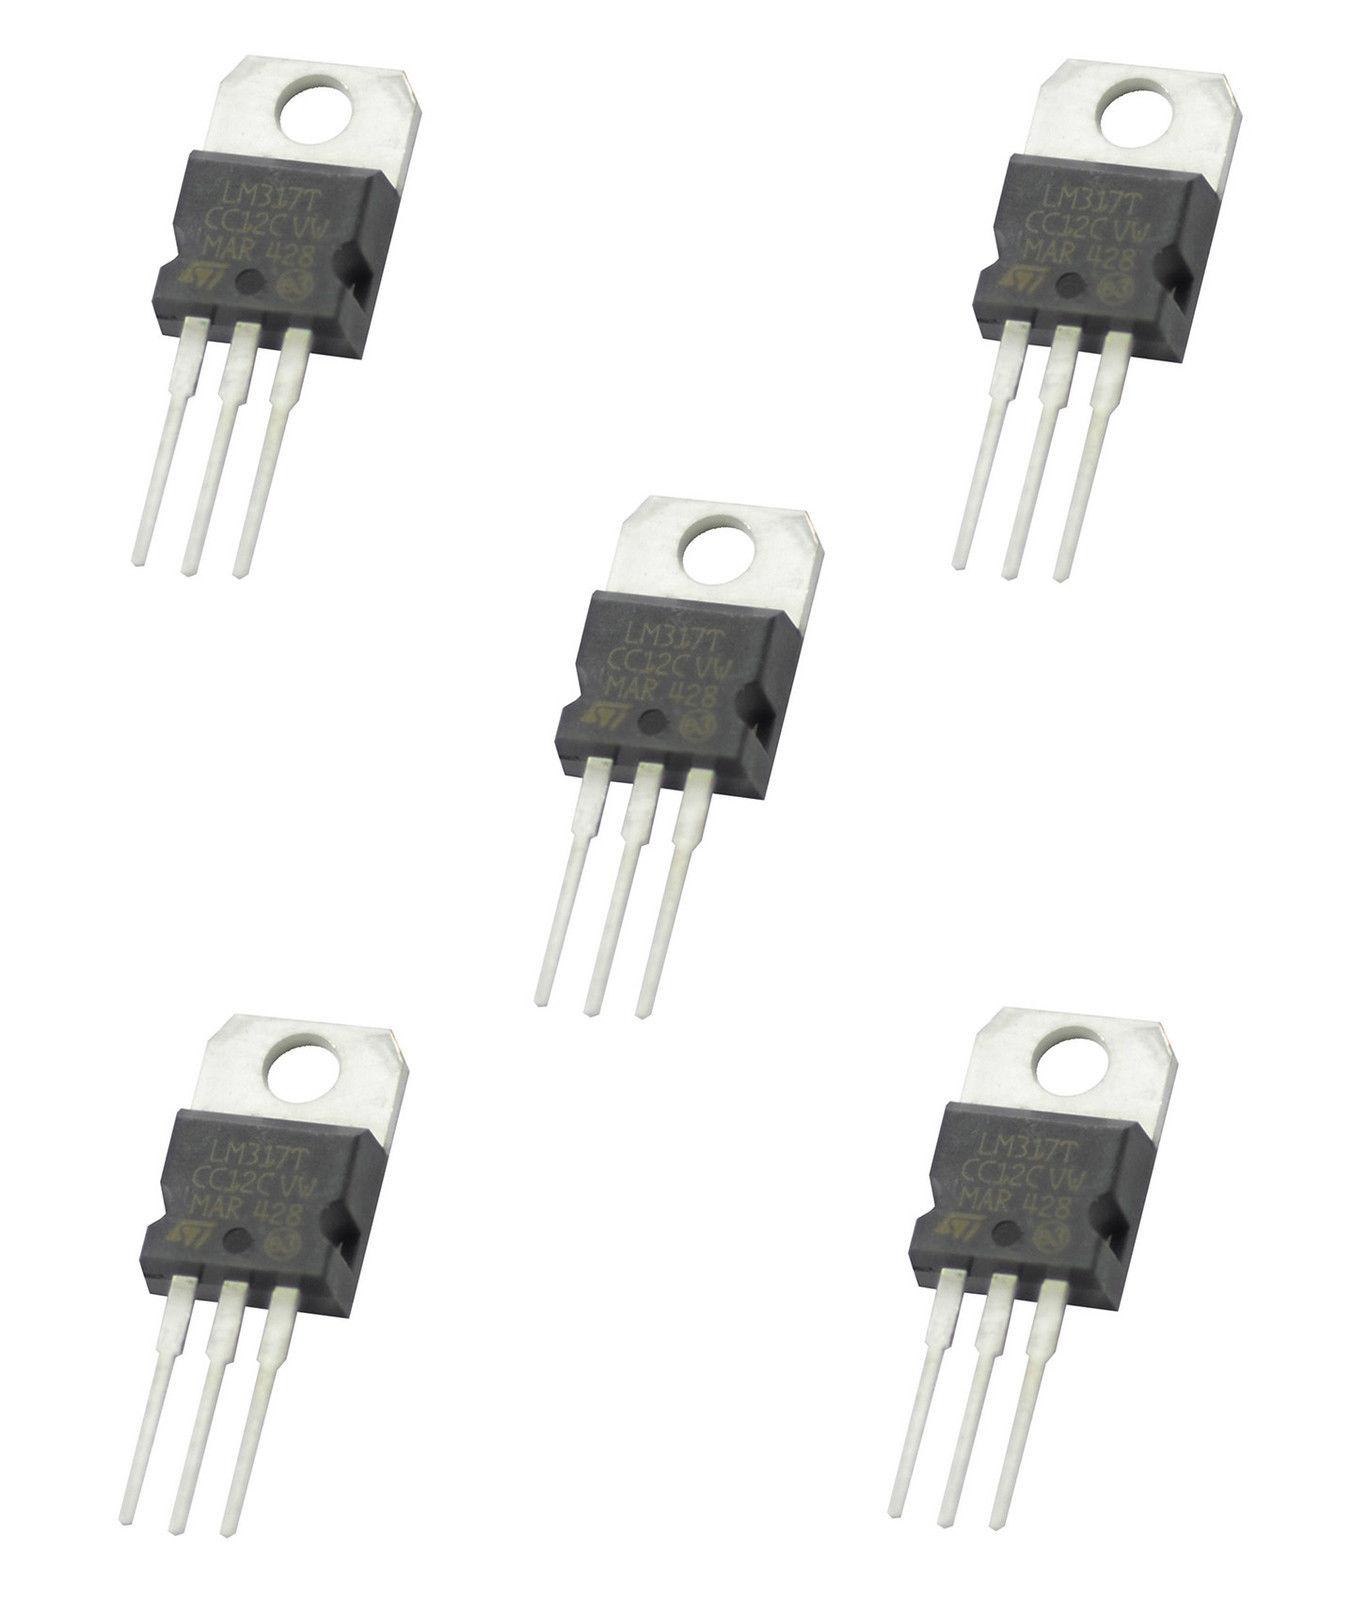 LM317T Voltage Regulator Pack of 5